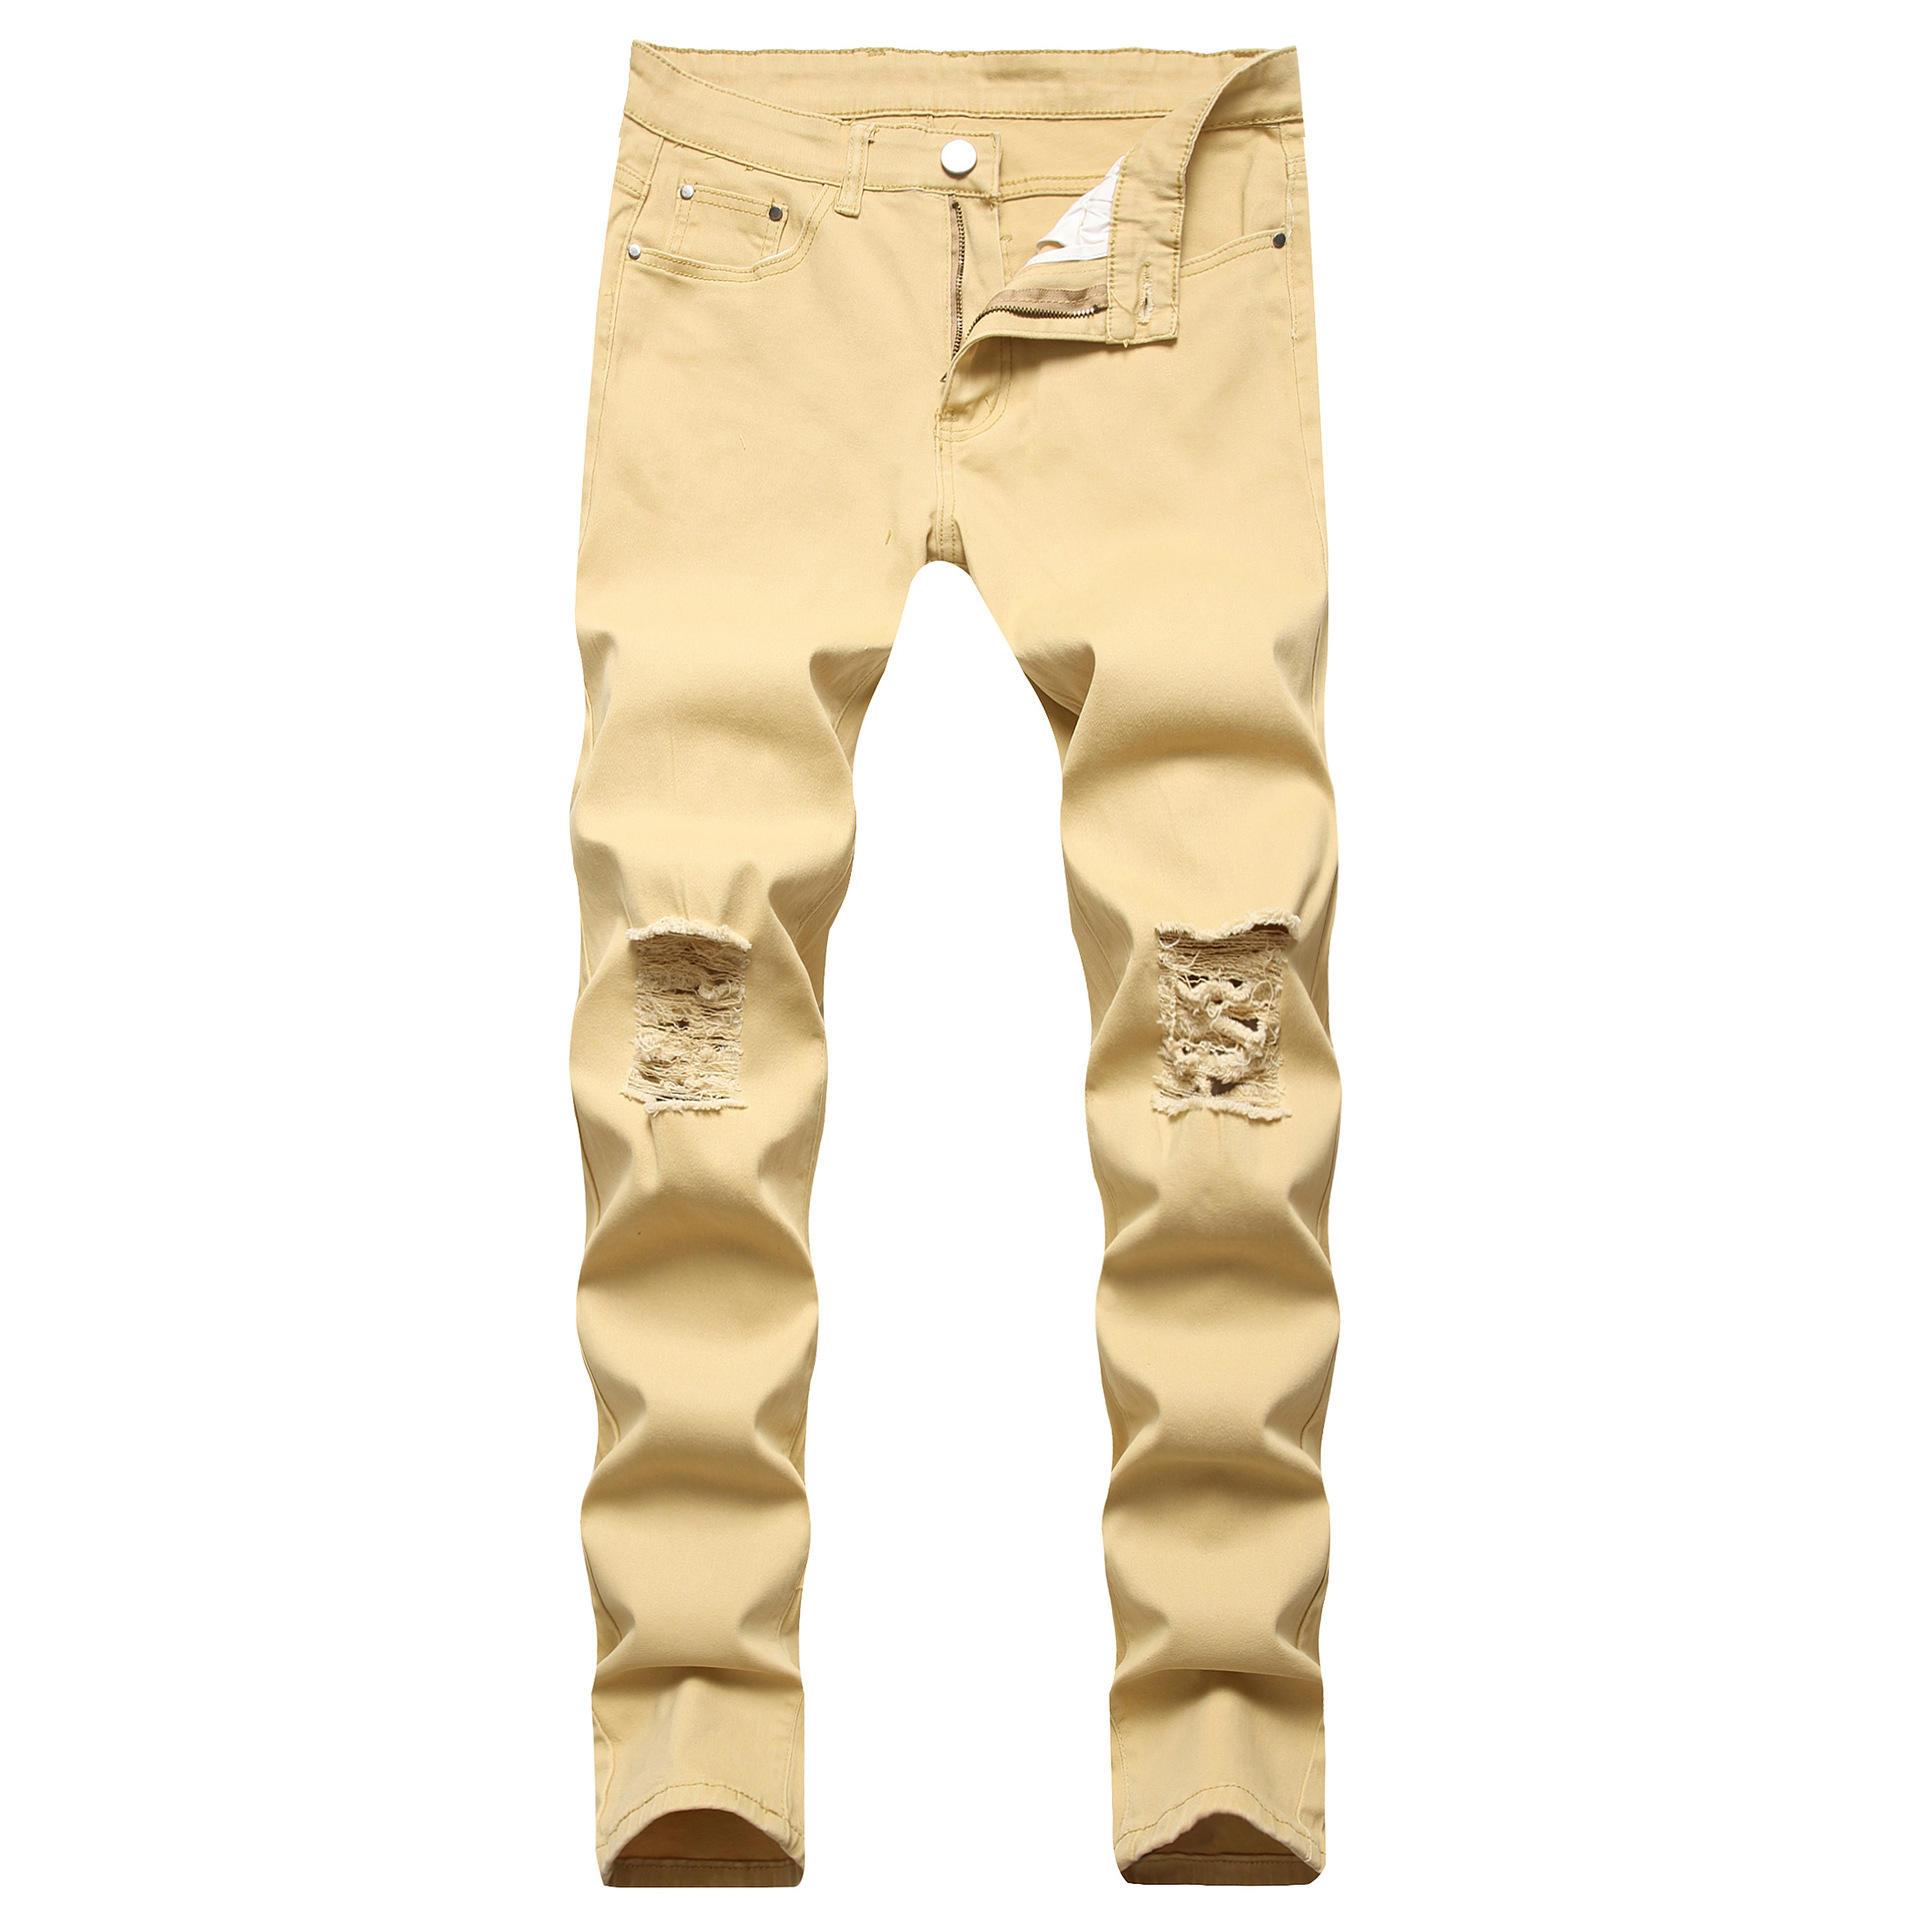 Venta Al Por Mayor Jeans Juvenil Mujer Compre Online Los Mejores Jeans Juvenil Mujer Lotes De China Jeans Juvenil Mujer A Mayoristas Alibaba Com